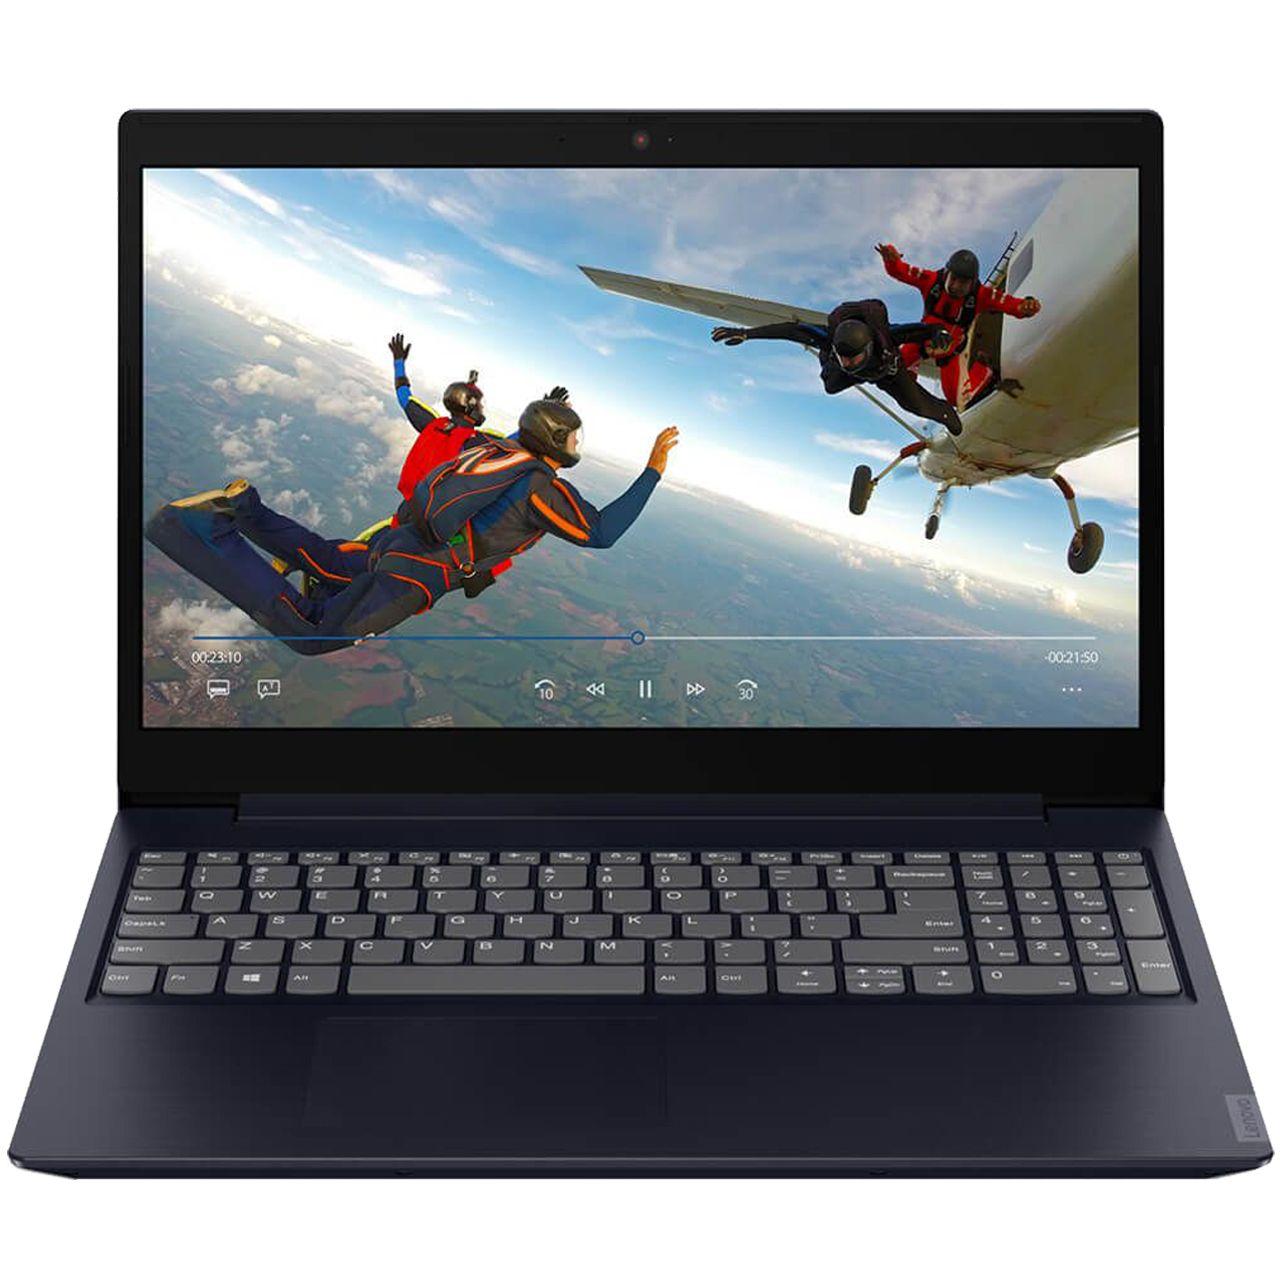 لپ تاپ ۱۵ اینچی لنوو مدل Ideapad L340 – PL